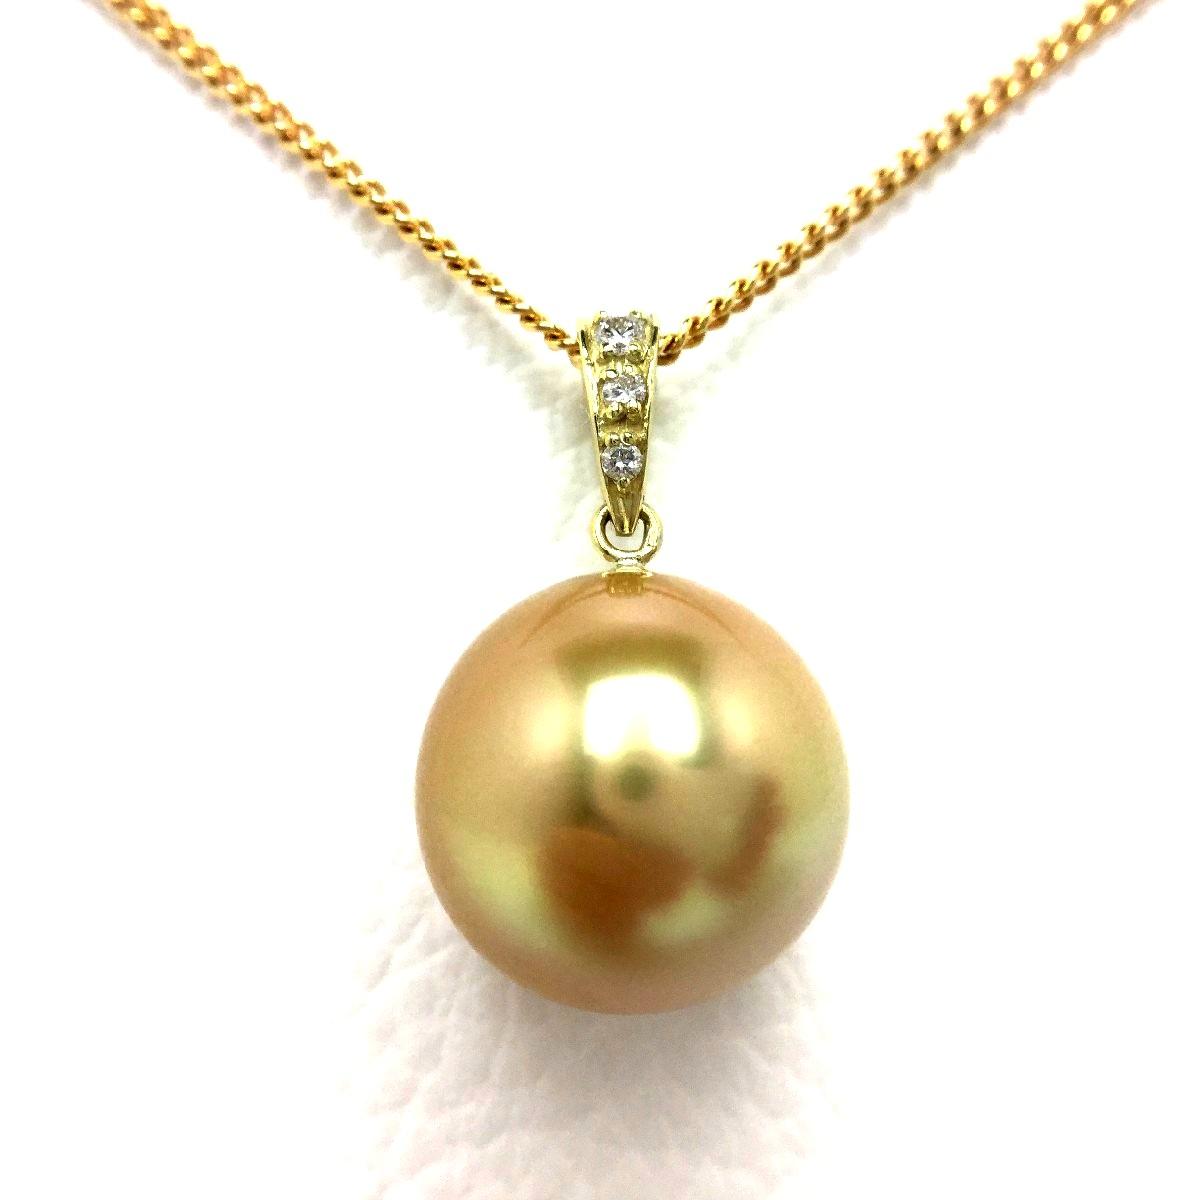 真珠 ペンダントトップ パール 白蝶真珠 12.3mm ゴールド(ナチュラル) K18 イエローゴールド ダイヤモンド 0.03ct 66828 イソワパール